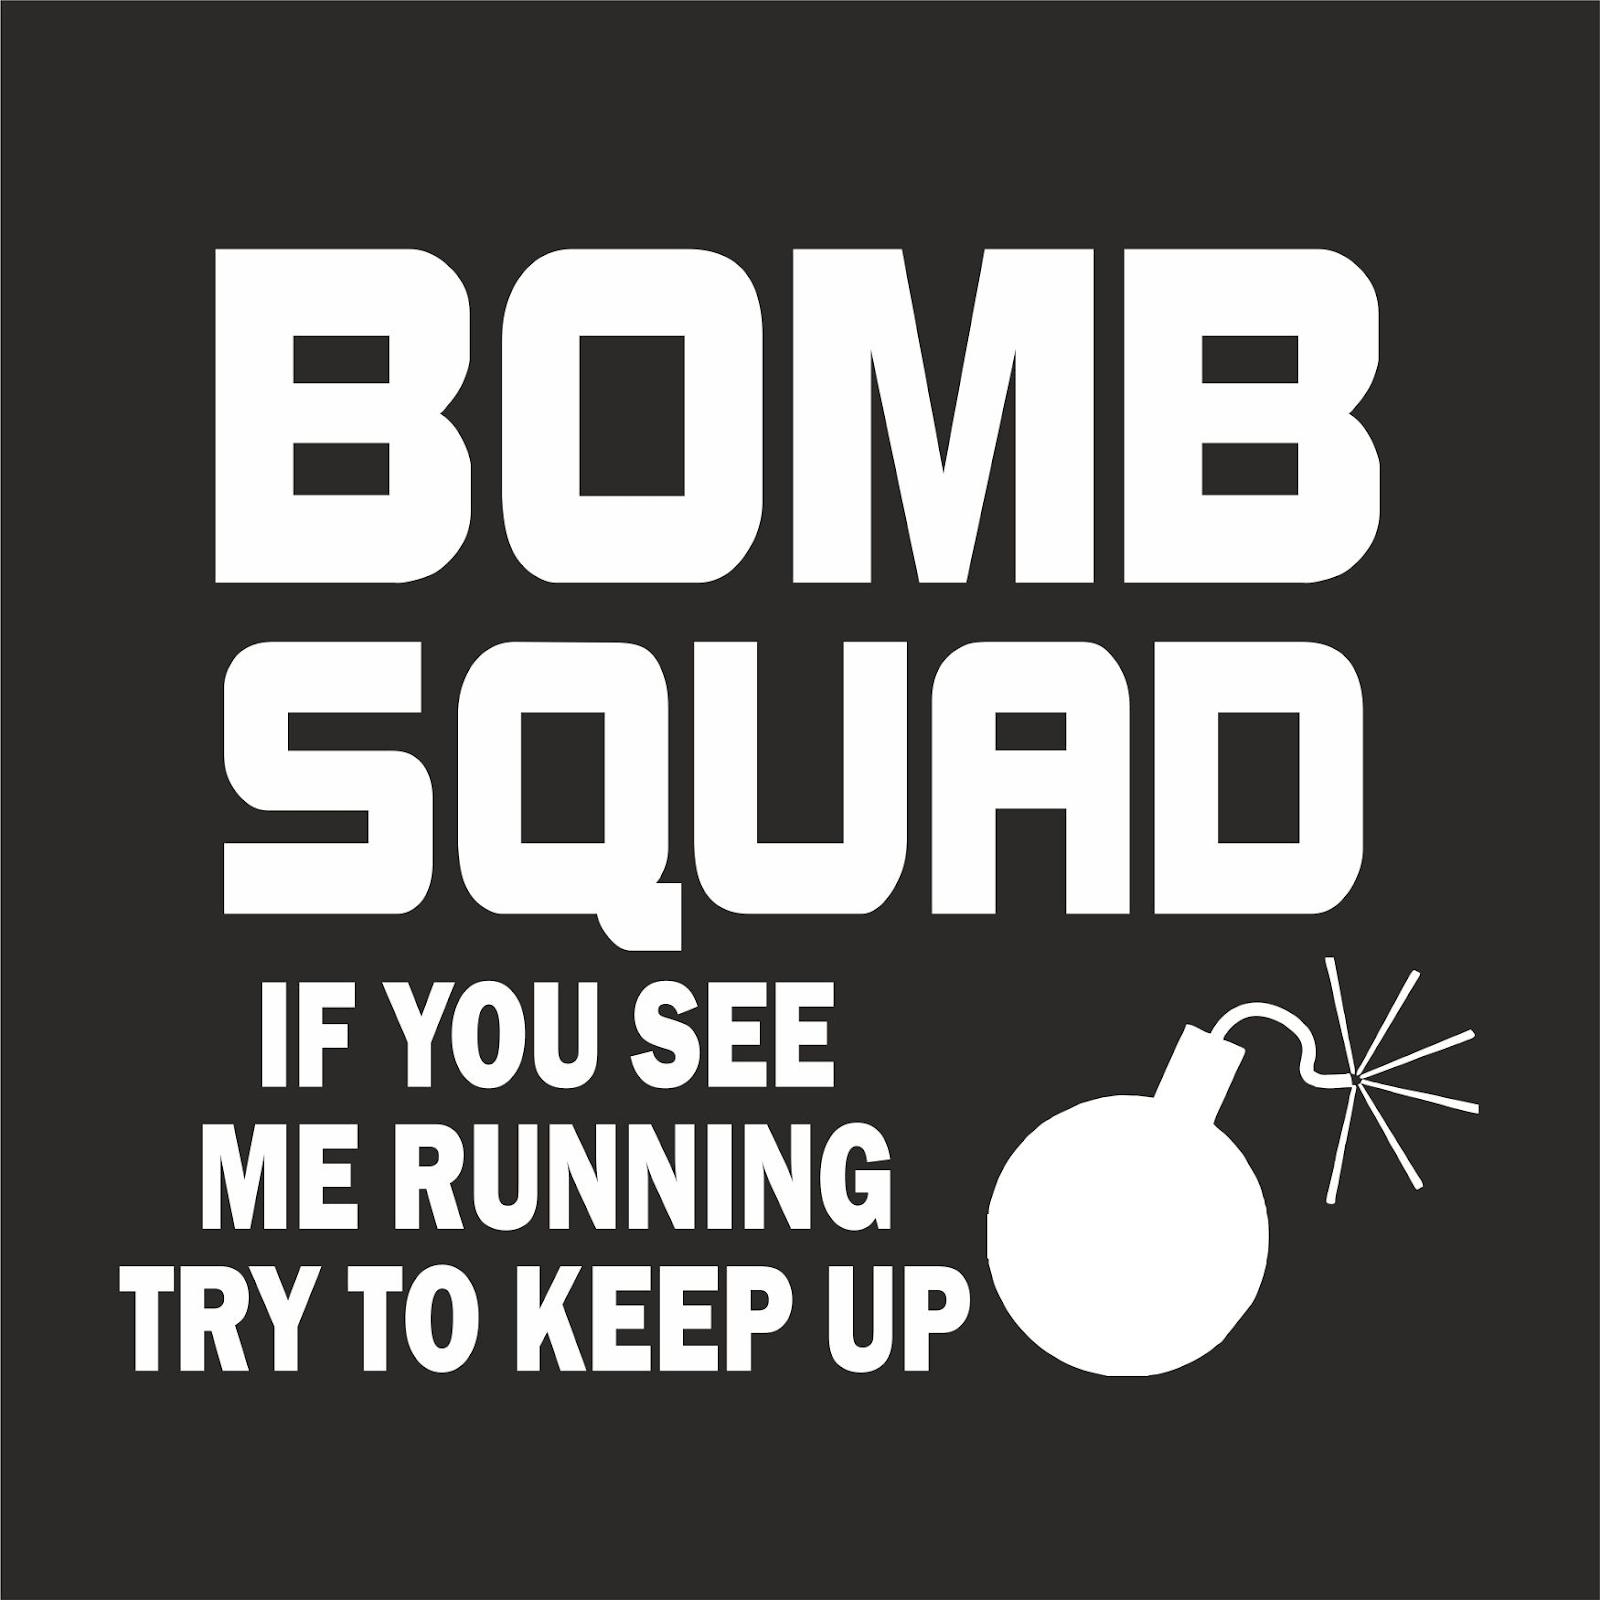 The bomb joke